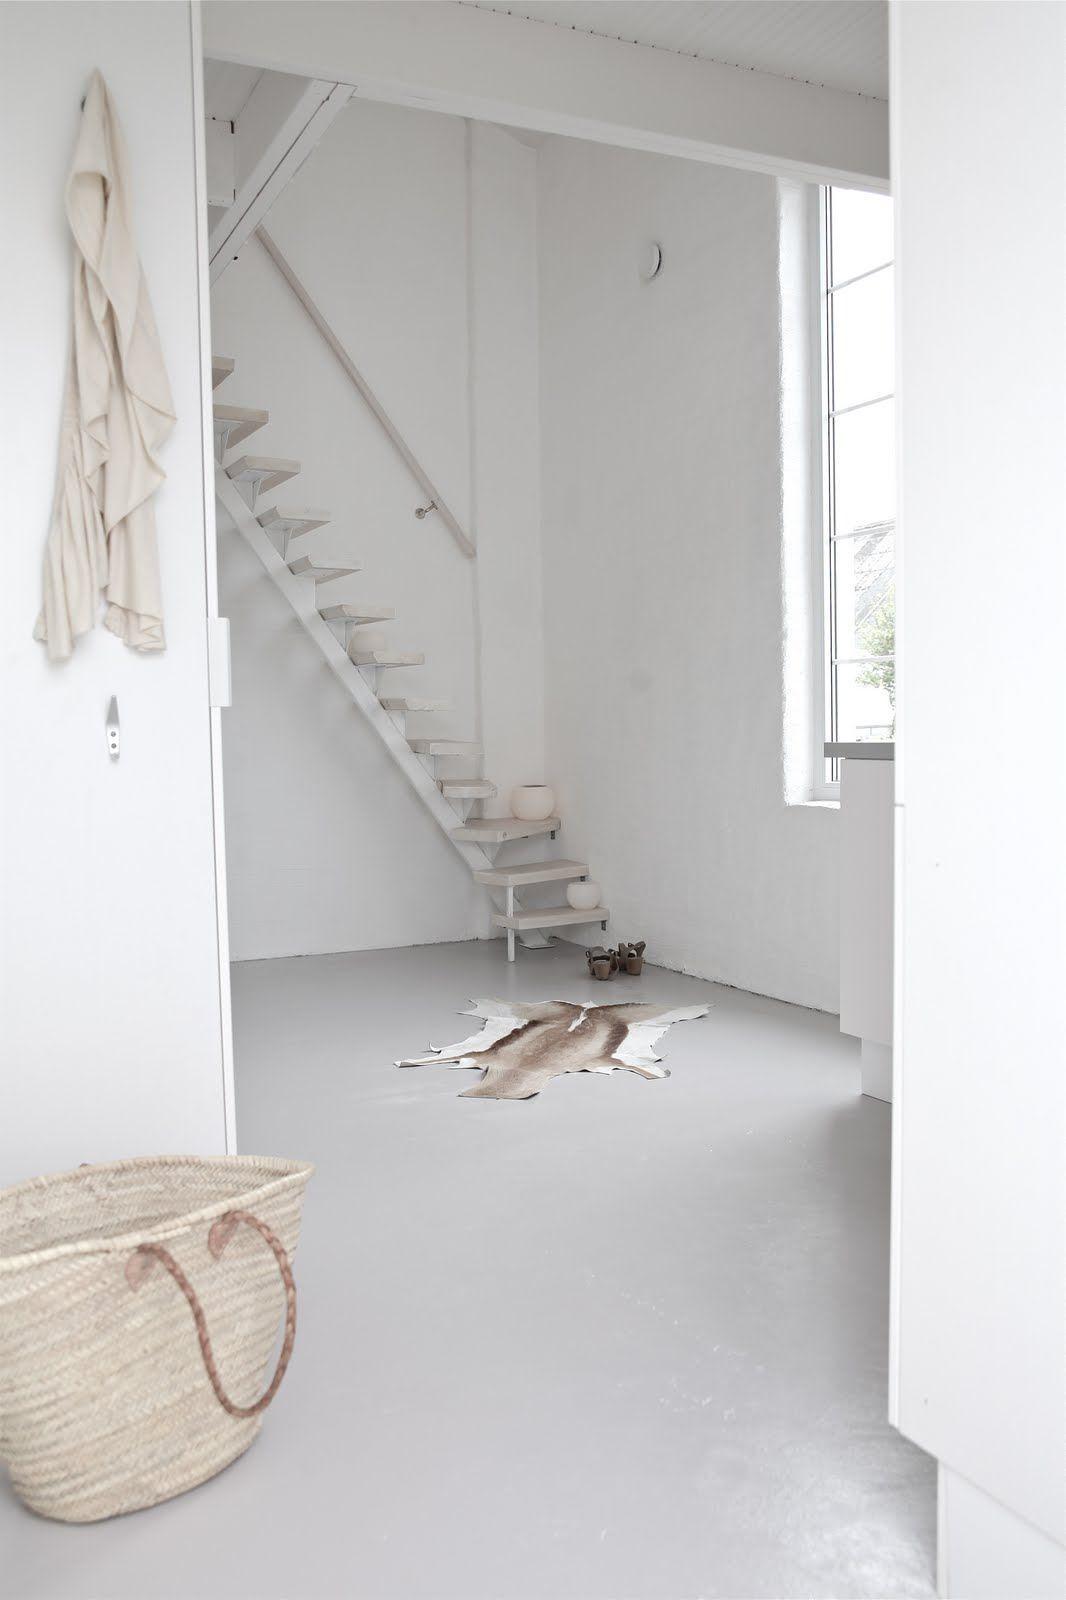 10 Phenomenal Attic Room Jobs Ideas In 2020 Attic Design Attic Remodel Flooring